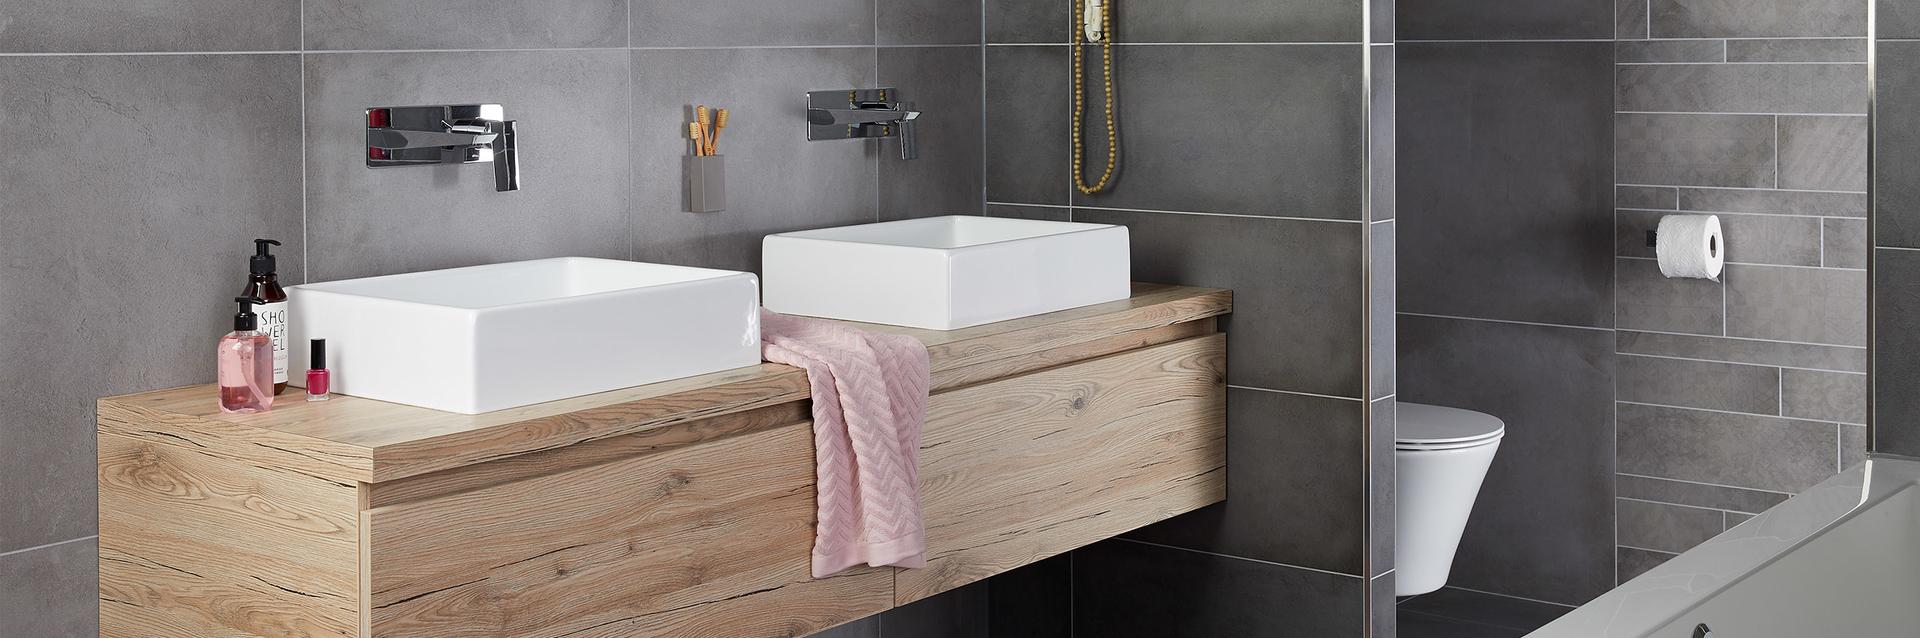 Familie badkamer Stone wastafels en toilet - Baden+